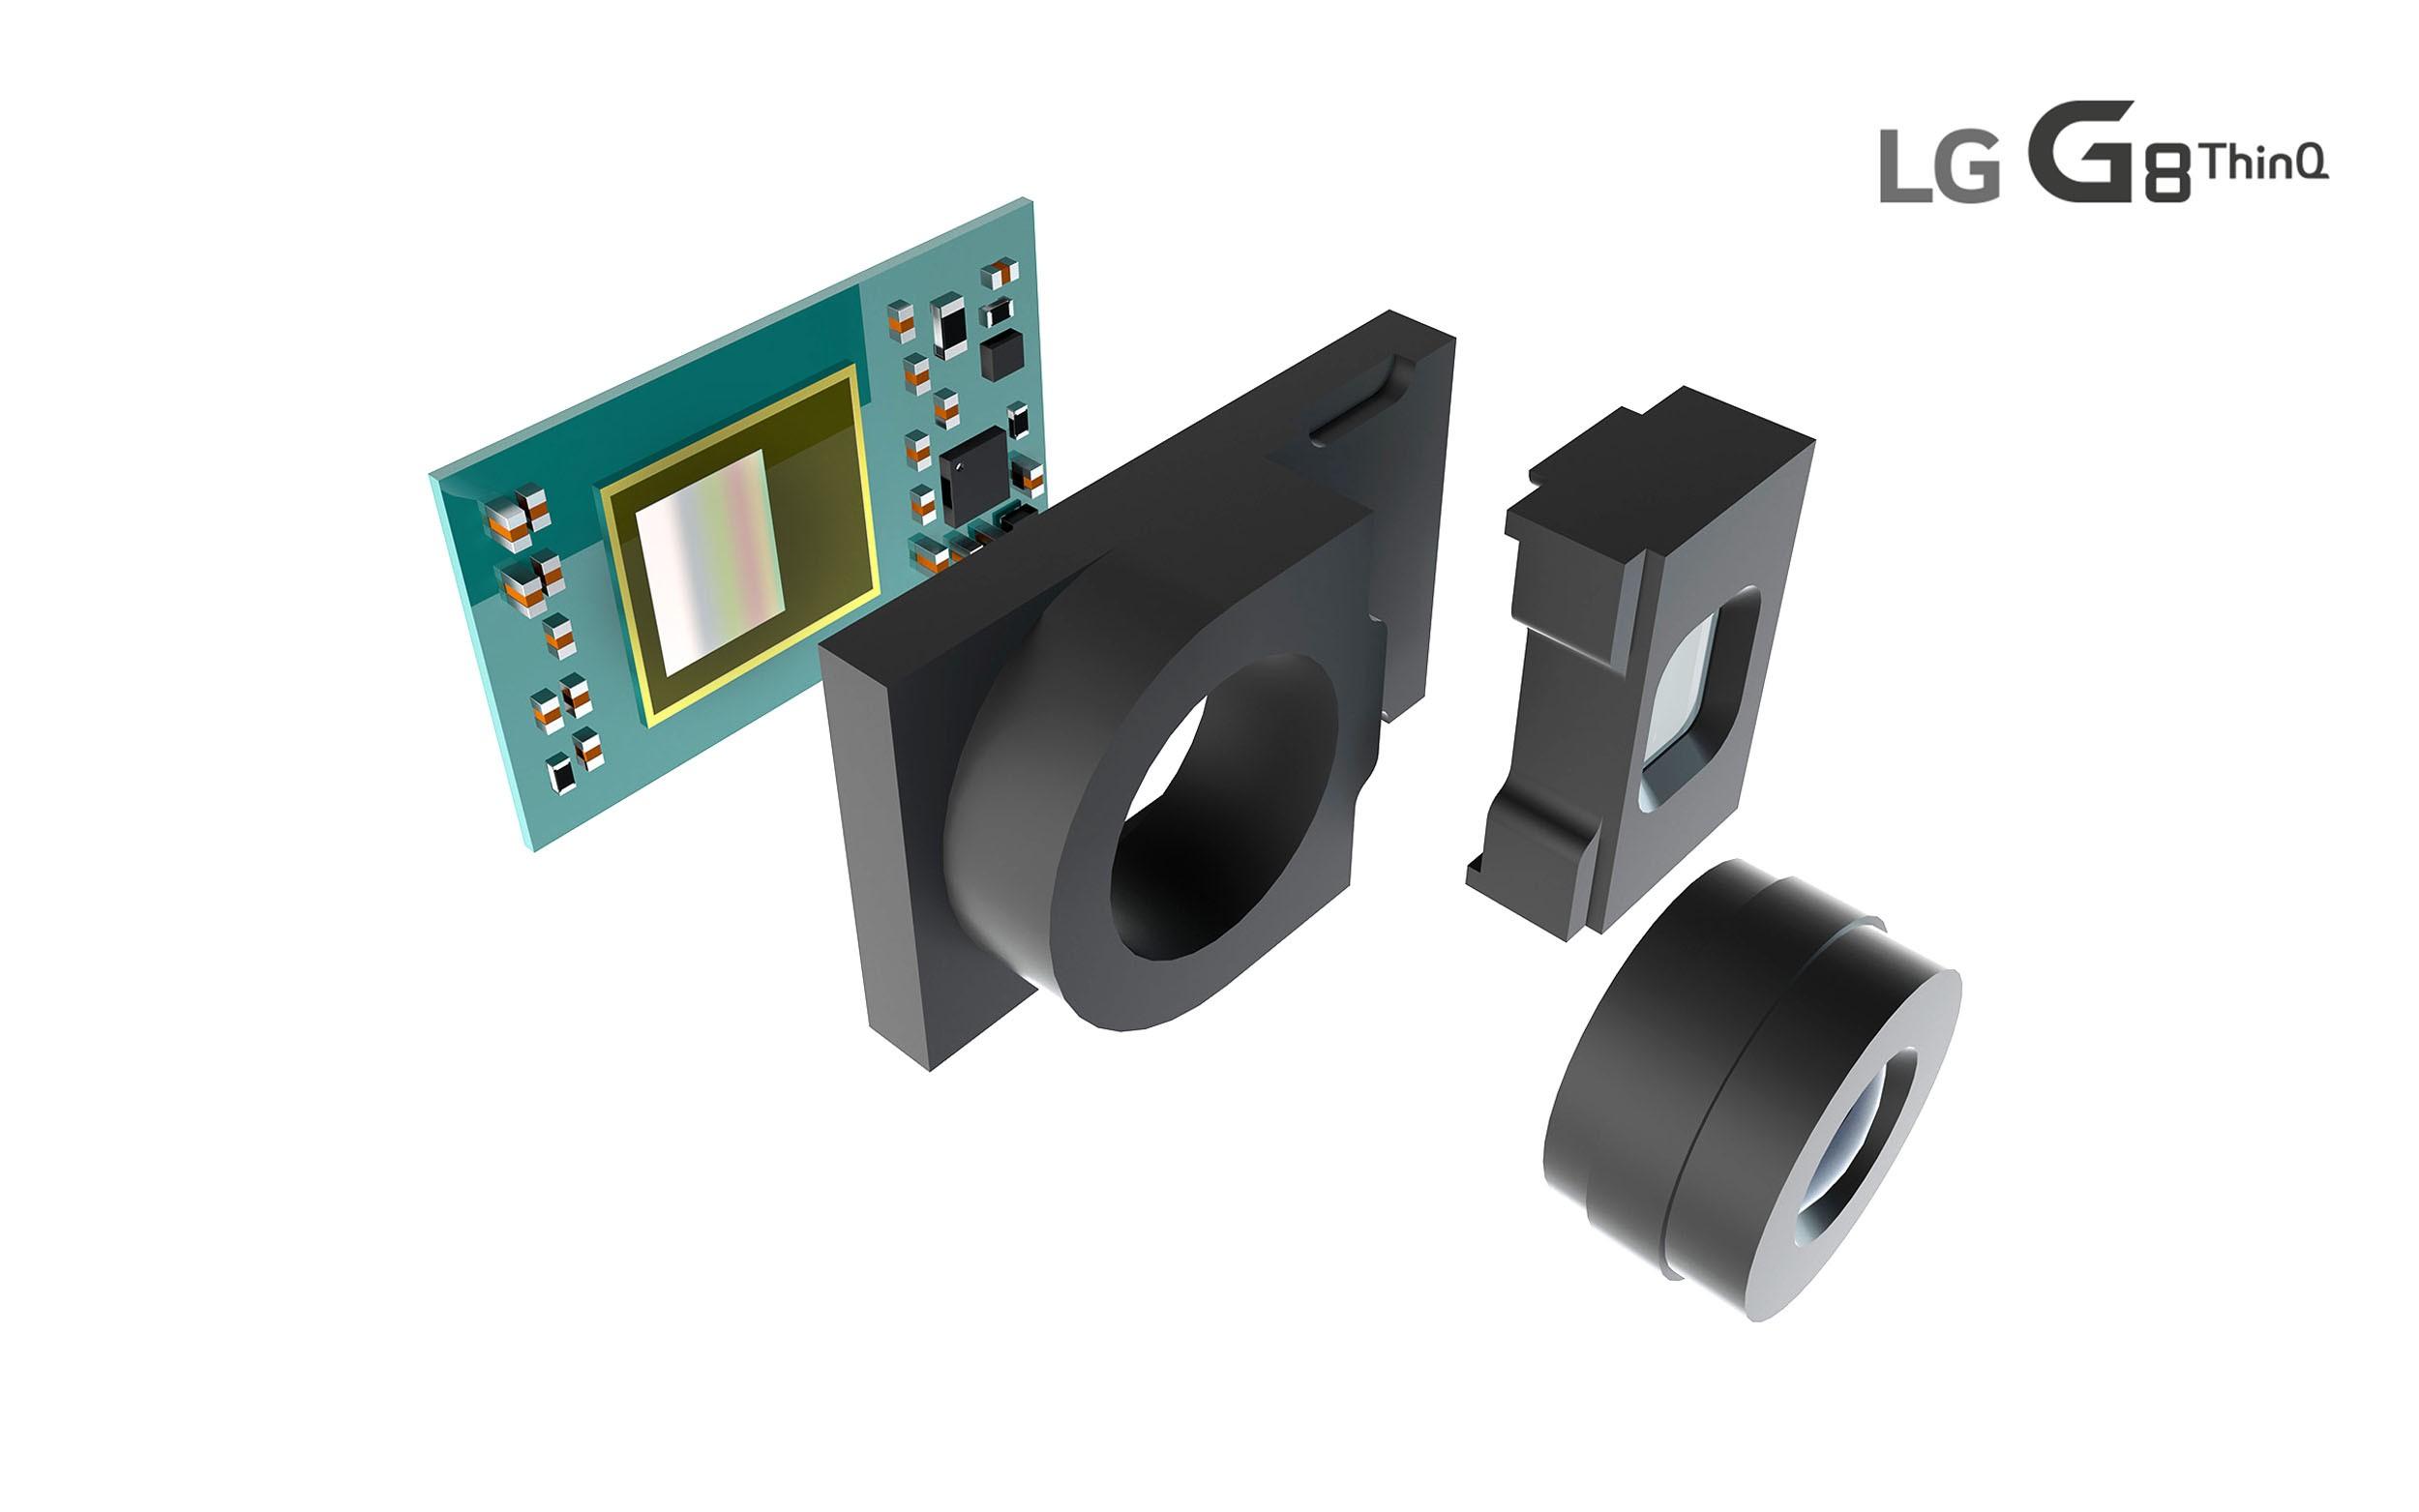 LG G8 ThinQ ToF-sensor